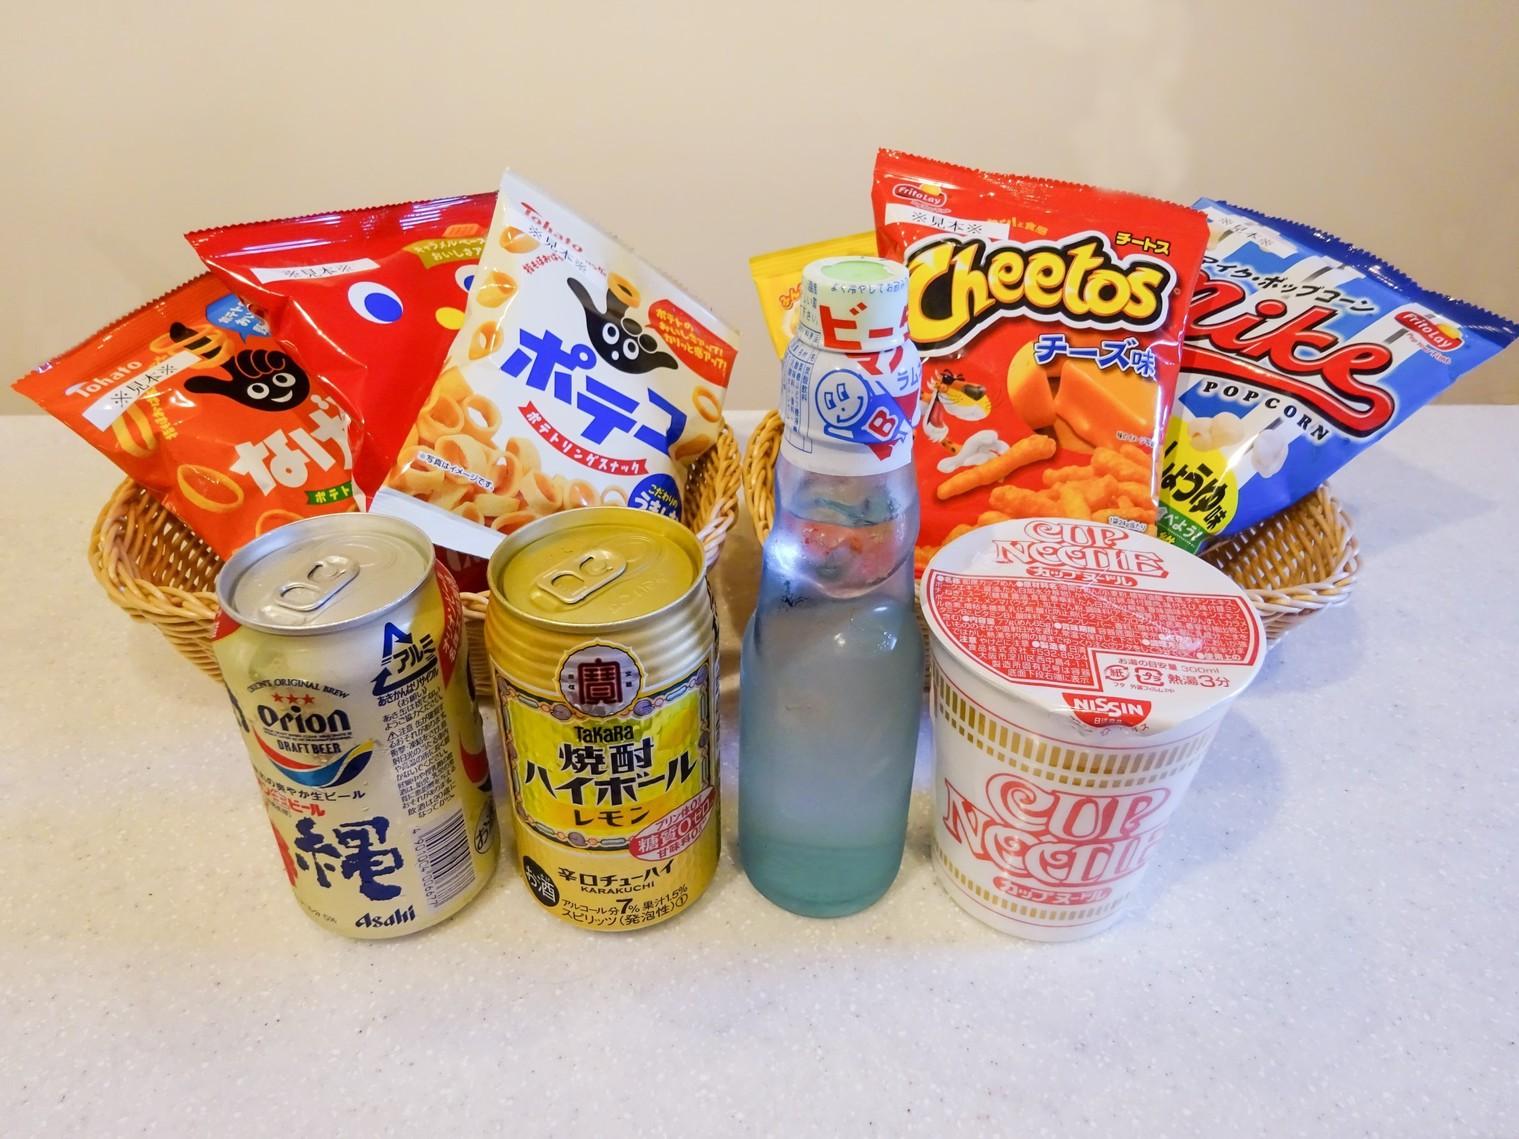 スナック&飲み物も販売中〜〜〜〜!!!!